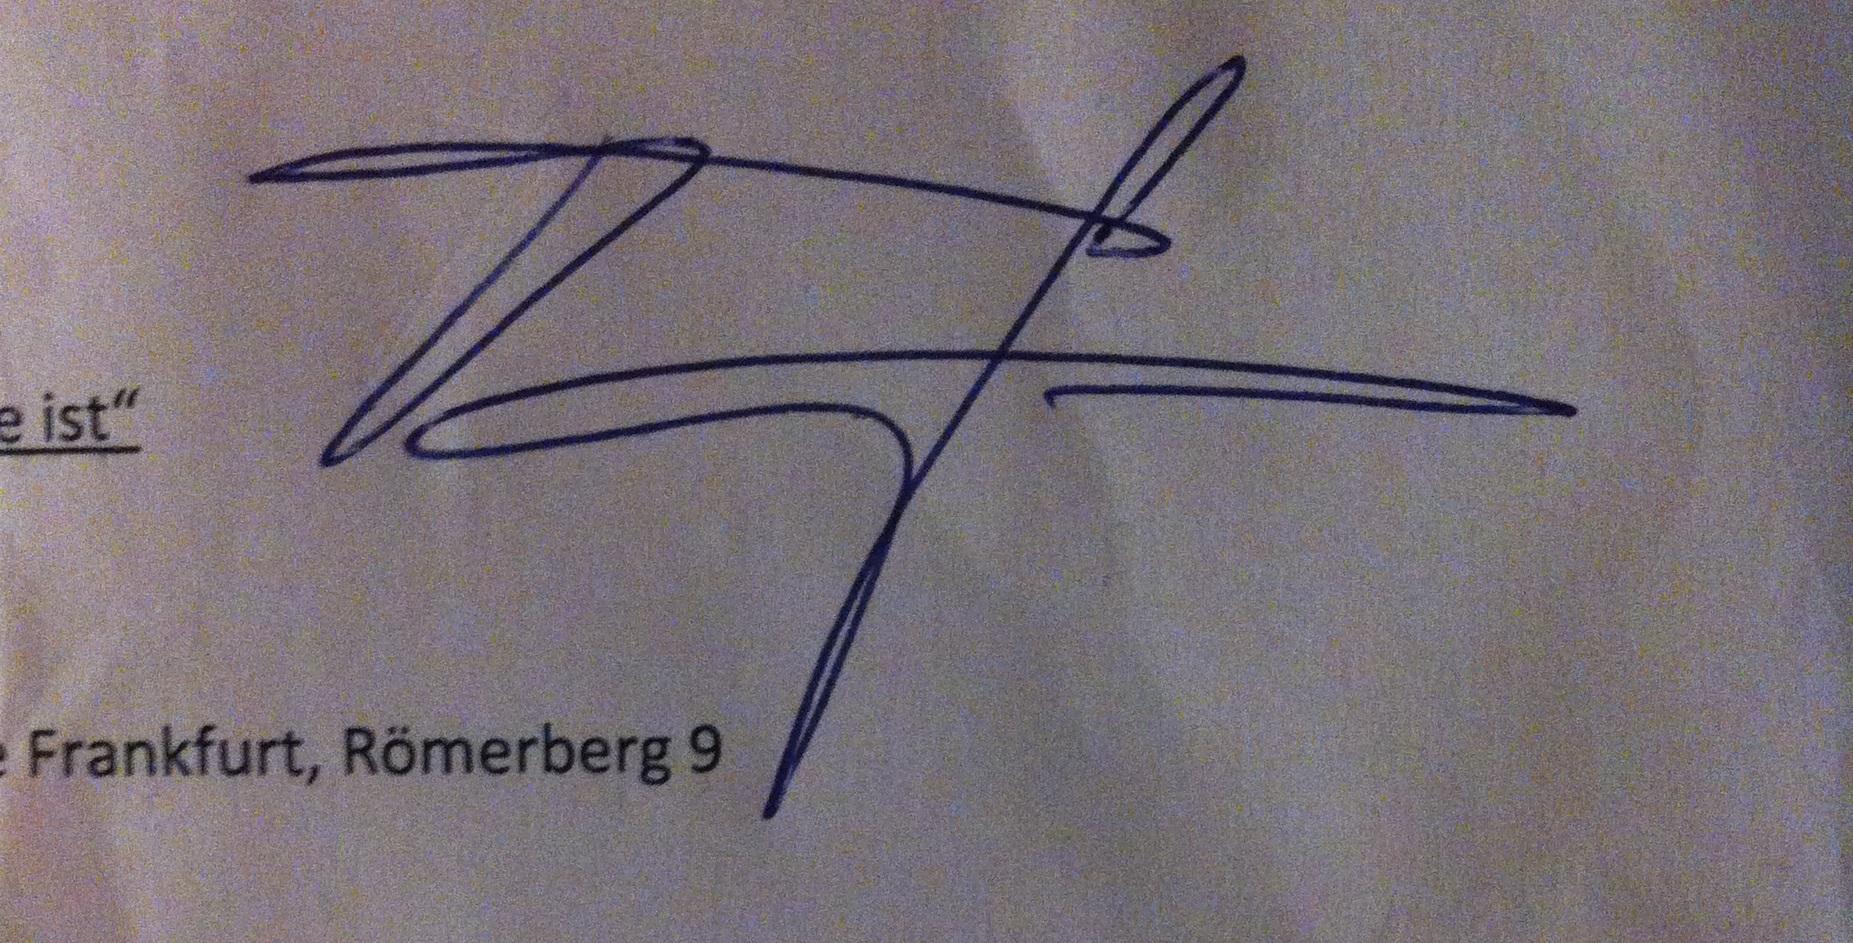 Autogramm Taavi Soininvaara